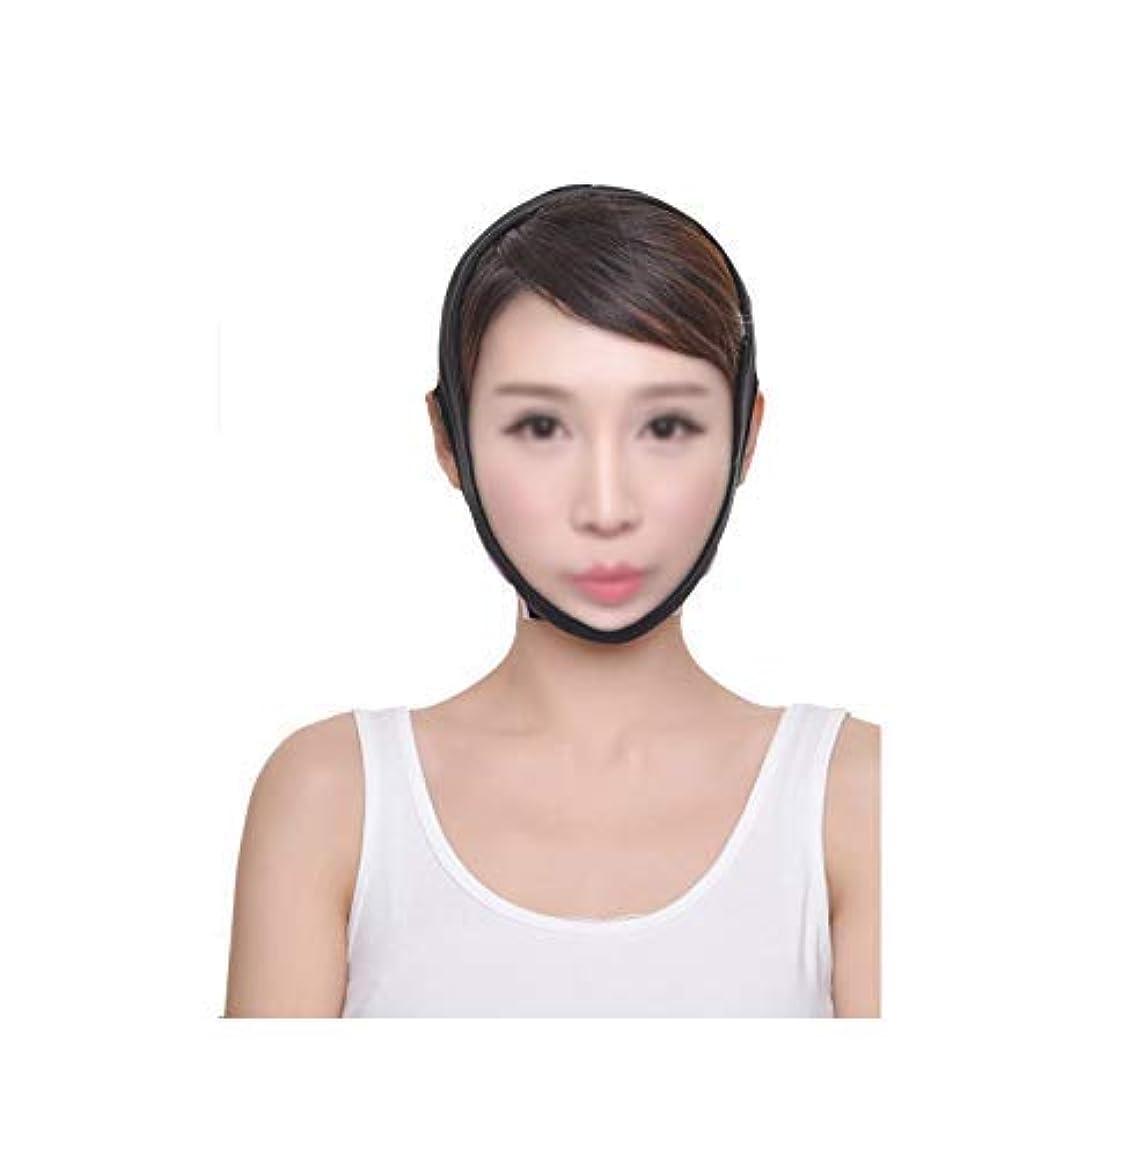 過激派許されるマーカーファーミングフェイスマスク、フェイスリフティングアーティファクト脂肪吸引術術後整形二重あご美容マスクブラックフード(サイズ:L)